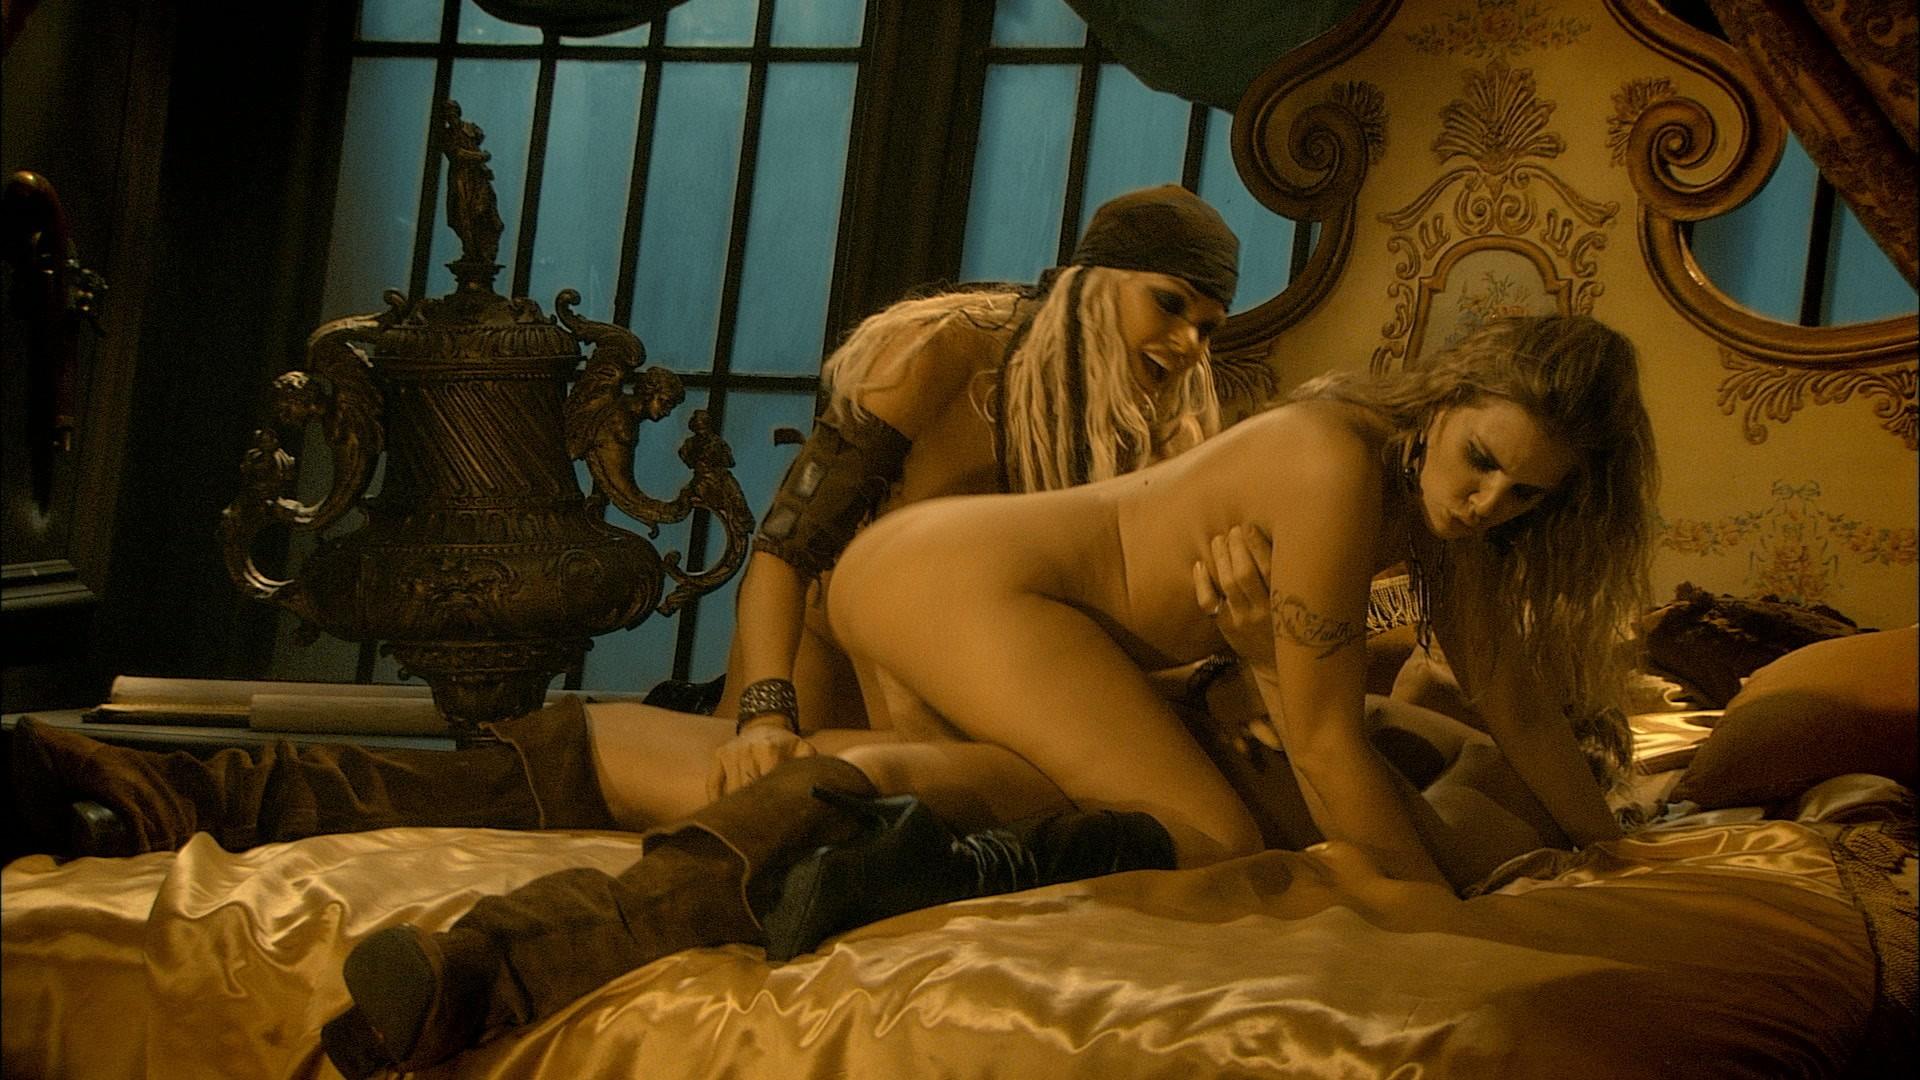 onlayn-porno-polnometrazhniy-porno-film-pro-modeley-smotret-onlayn-onlayn-sekse